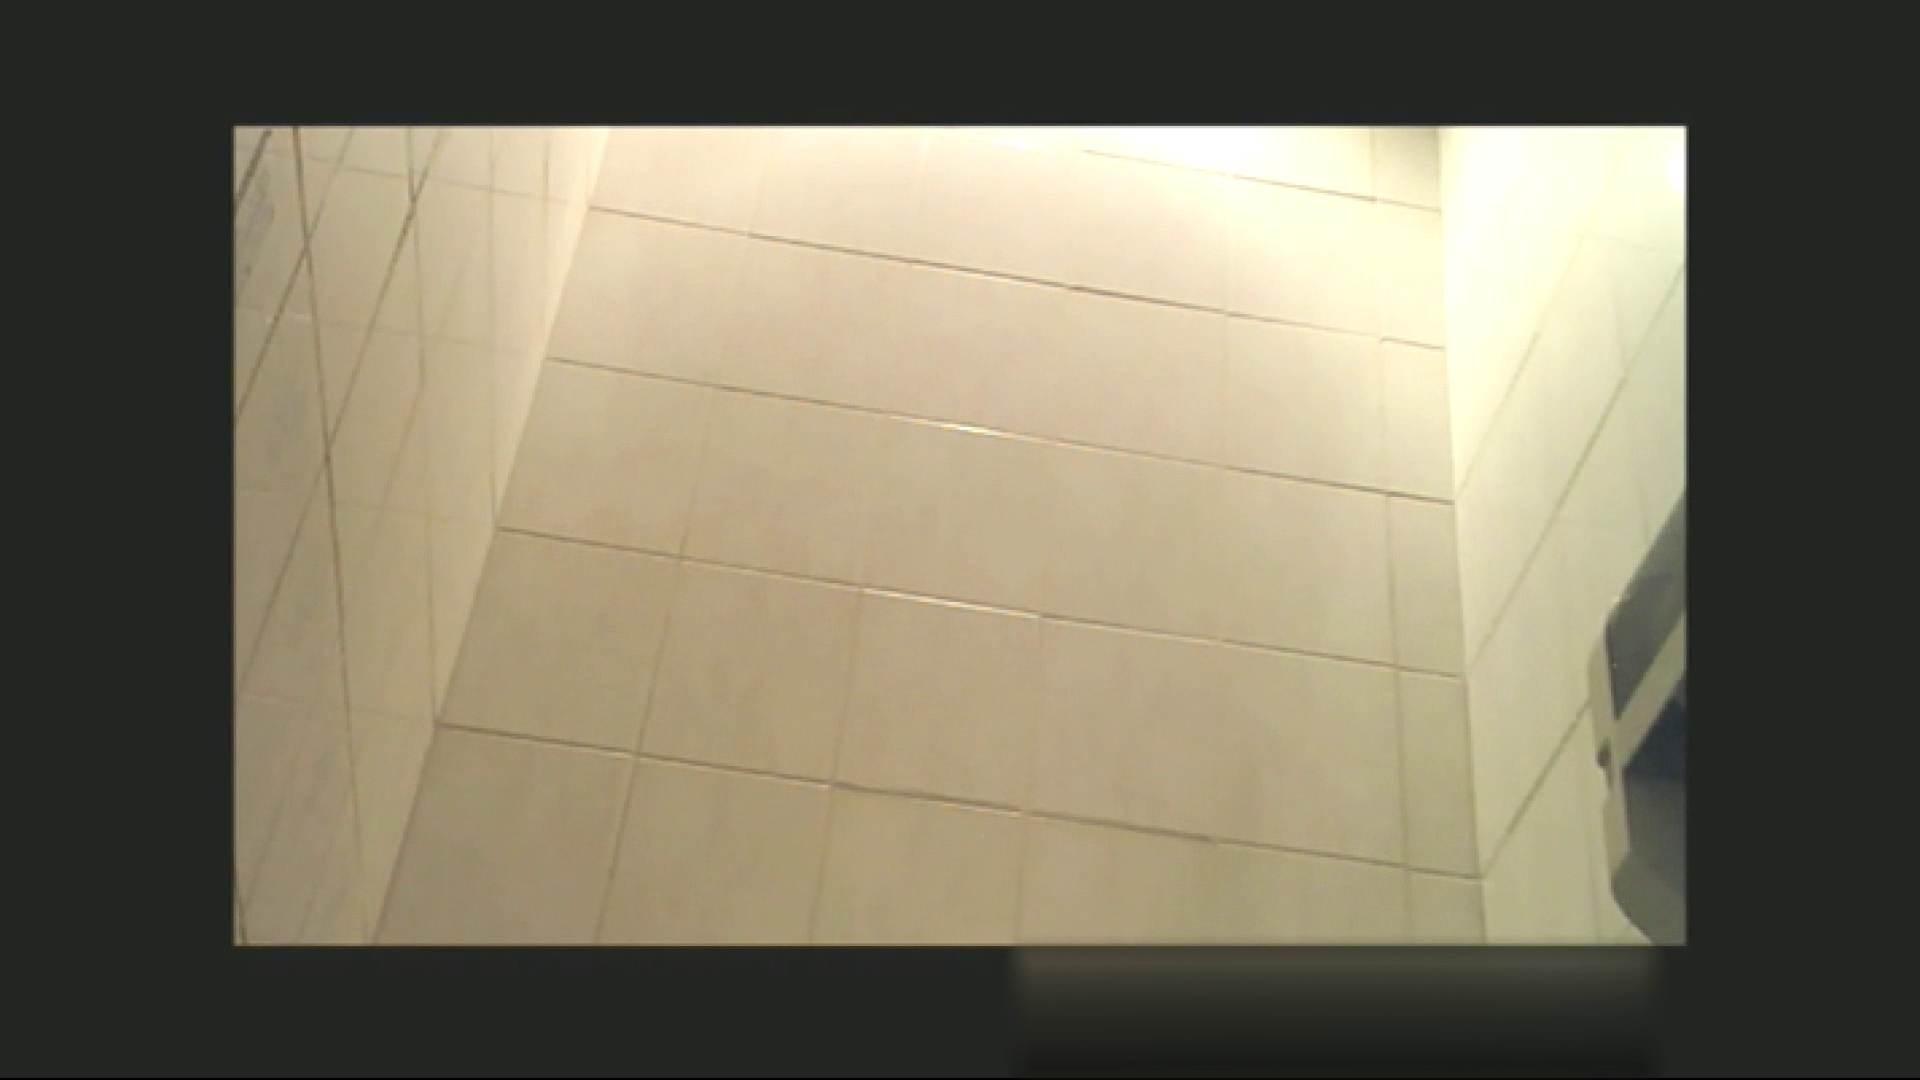 ティーンガールのトイレ覗き‼vol.06 Hなお姉さん | ティーンガール  99pic 88